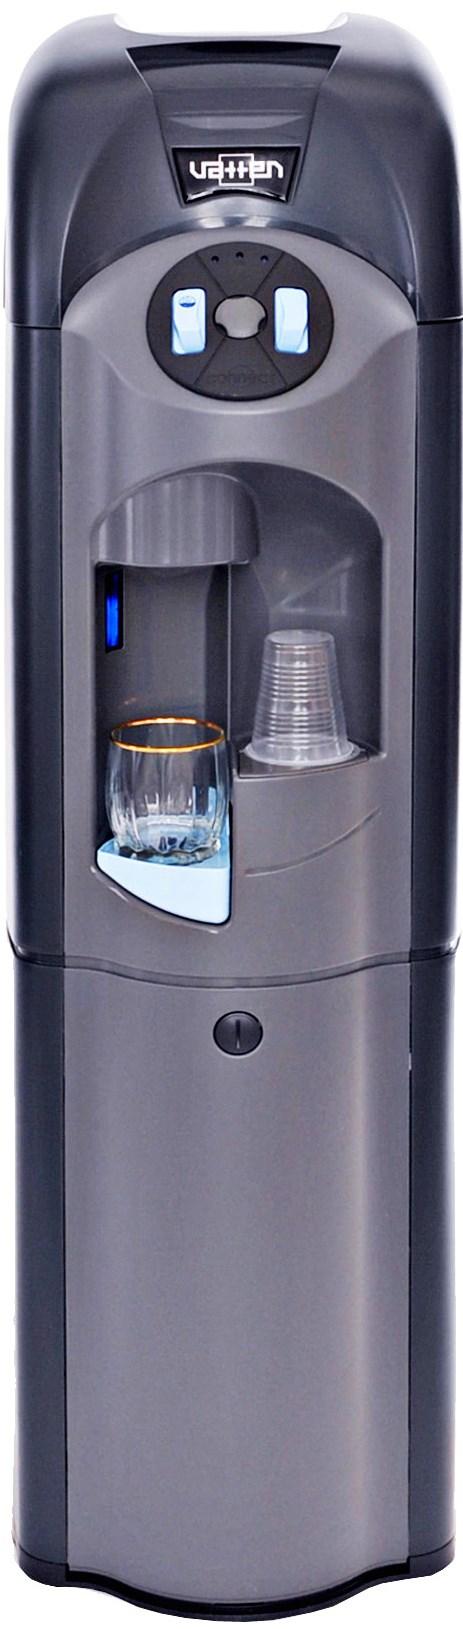 Кулер для воды VATTEN OV401JKHDG